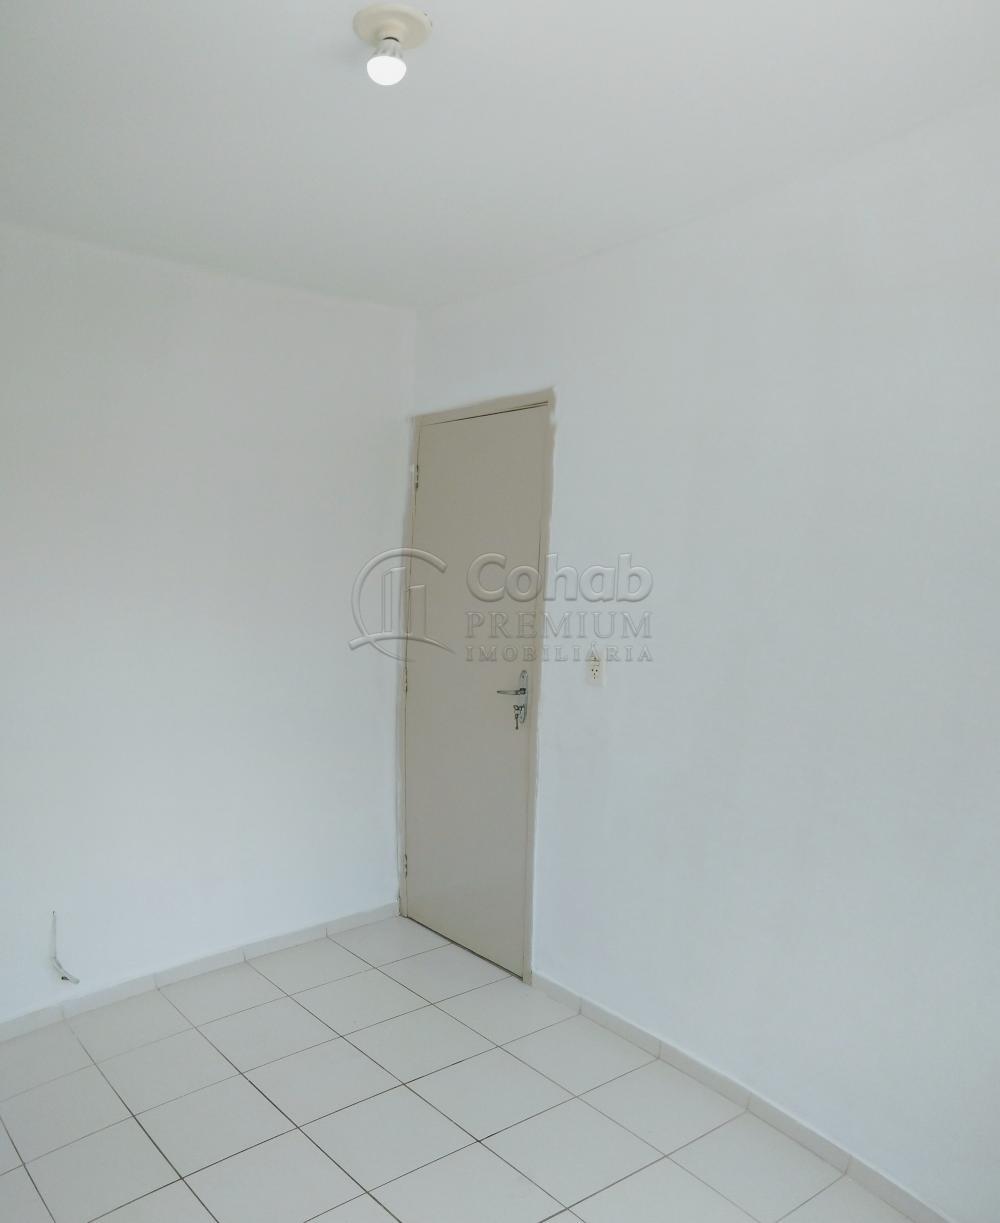 Alugar Apartamento / Padrão em Aracaju apenas R$ 500,00 - Foto 8